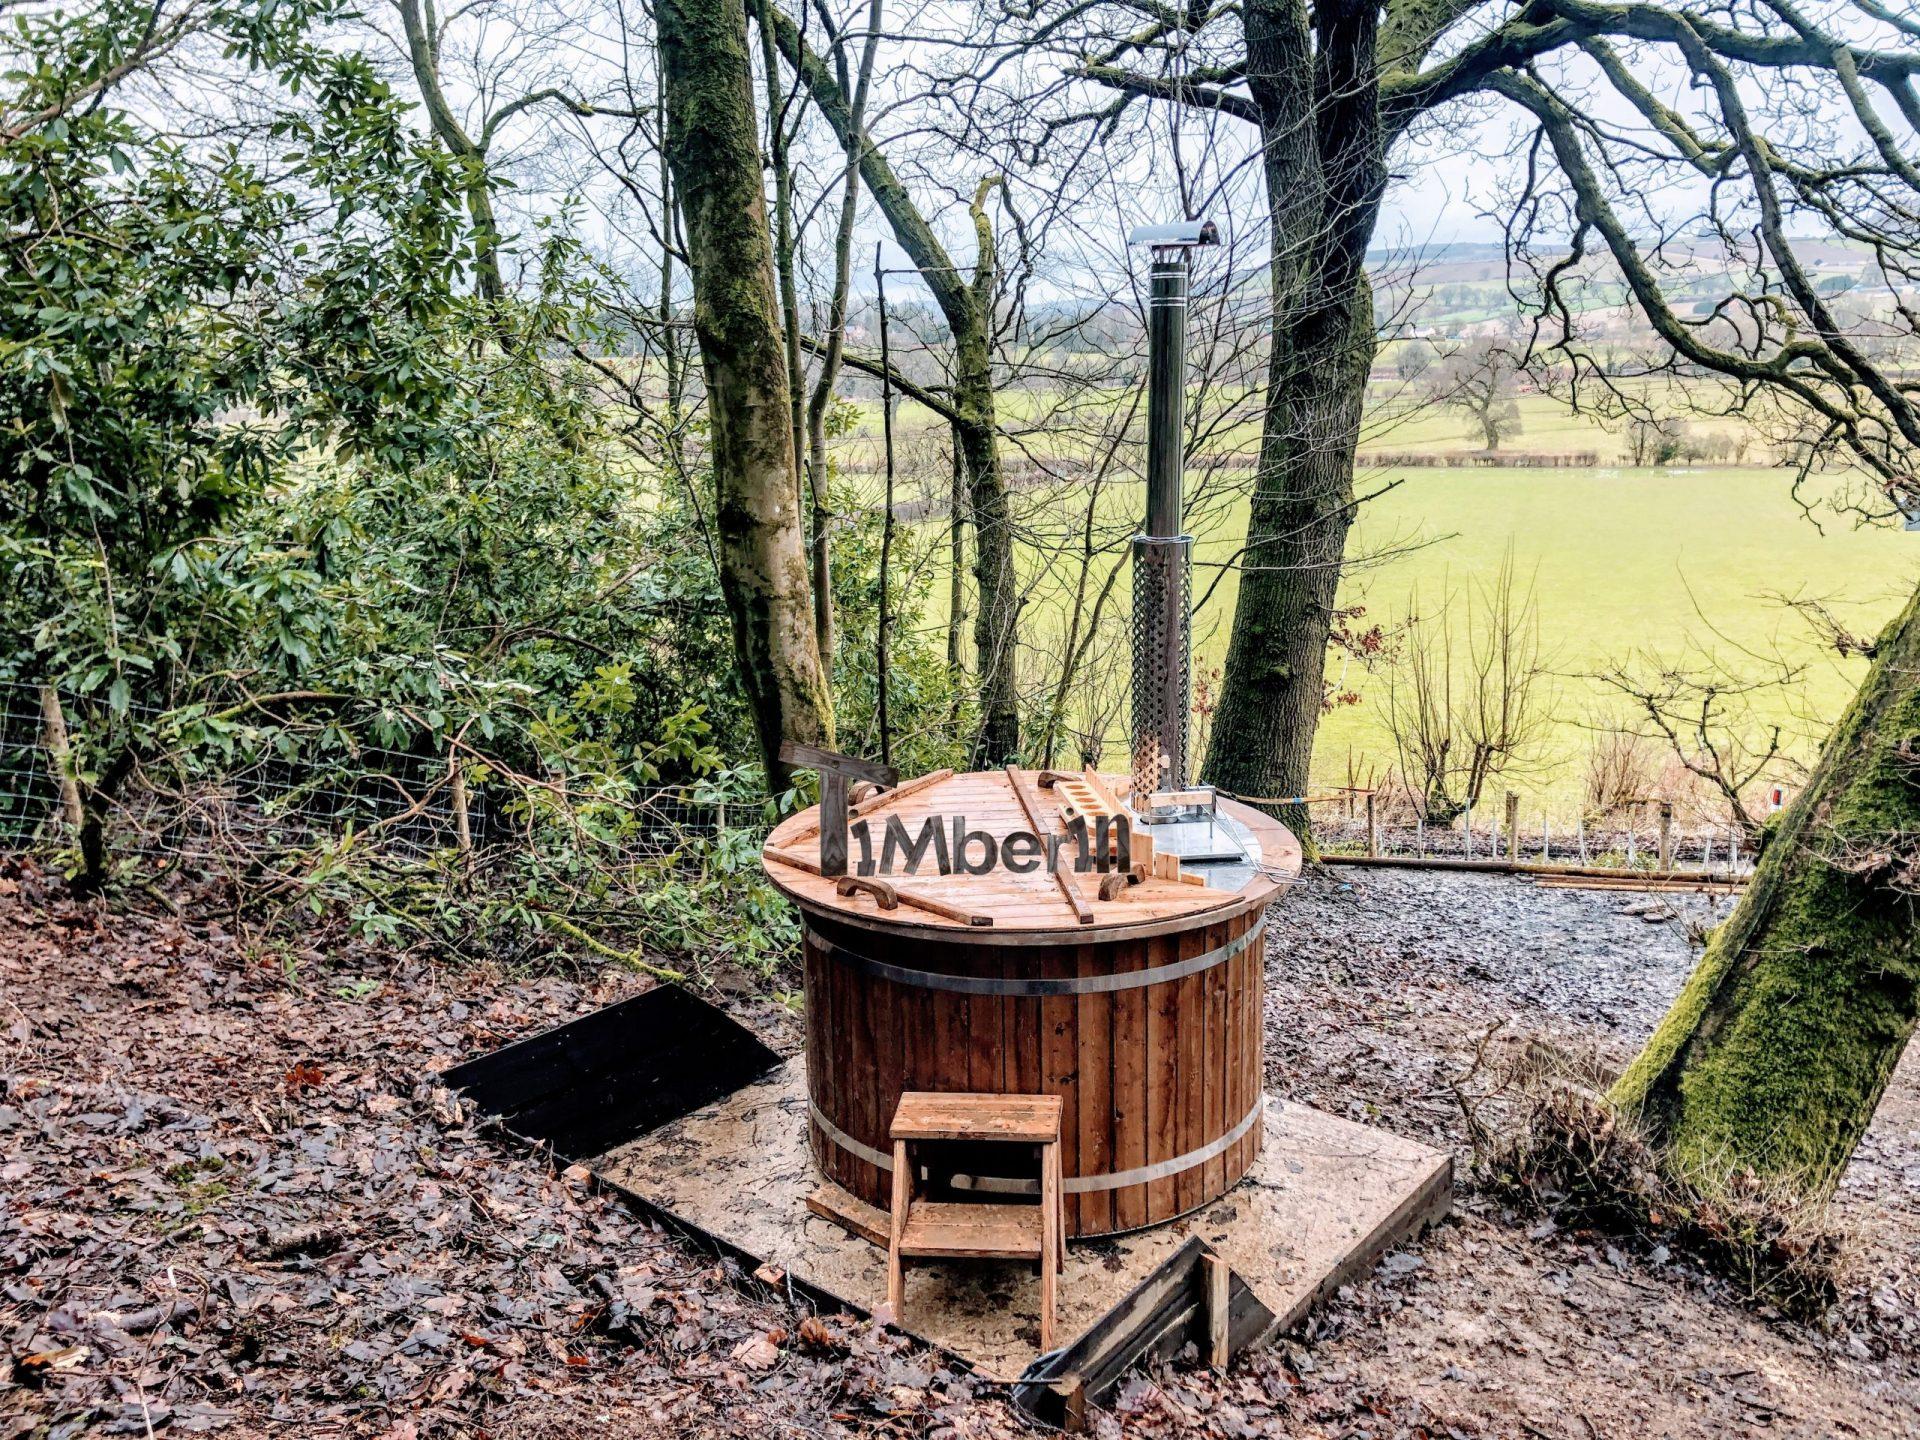 Polypropylene lined outdoor spa vintage dressing Kate Shropshire UK 1 1 scaled